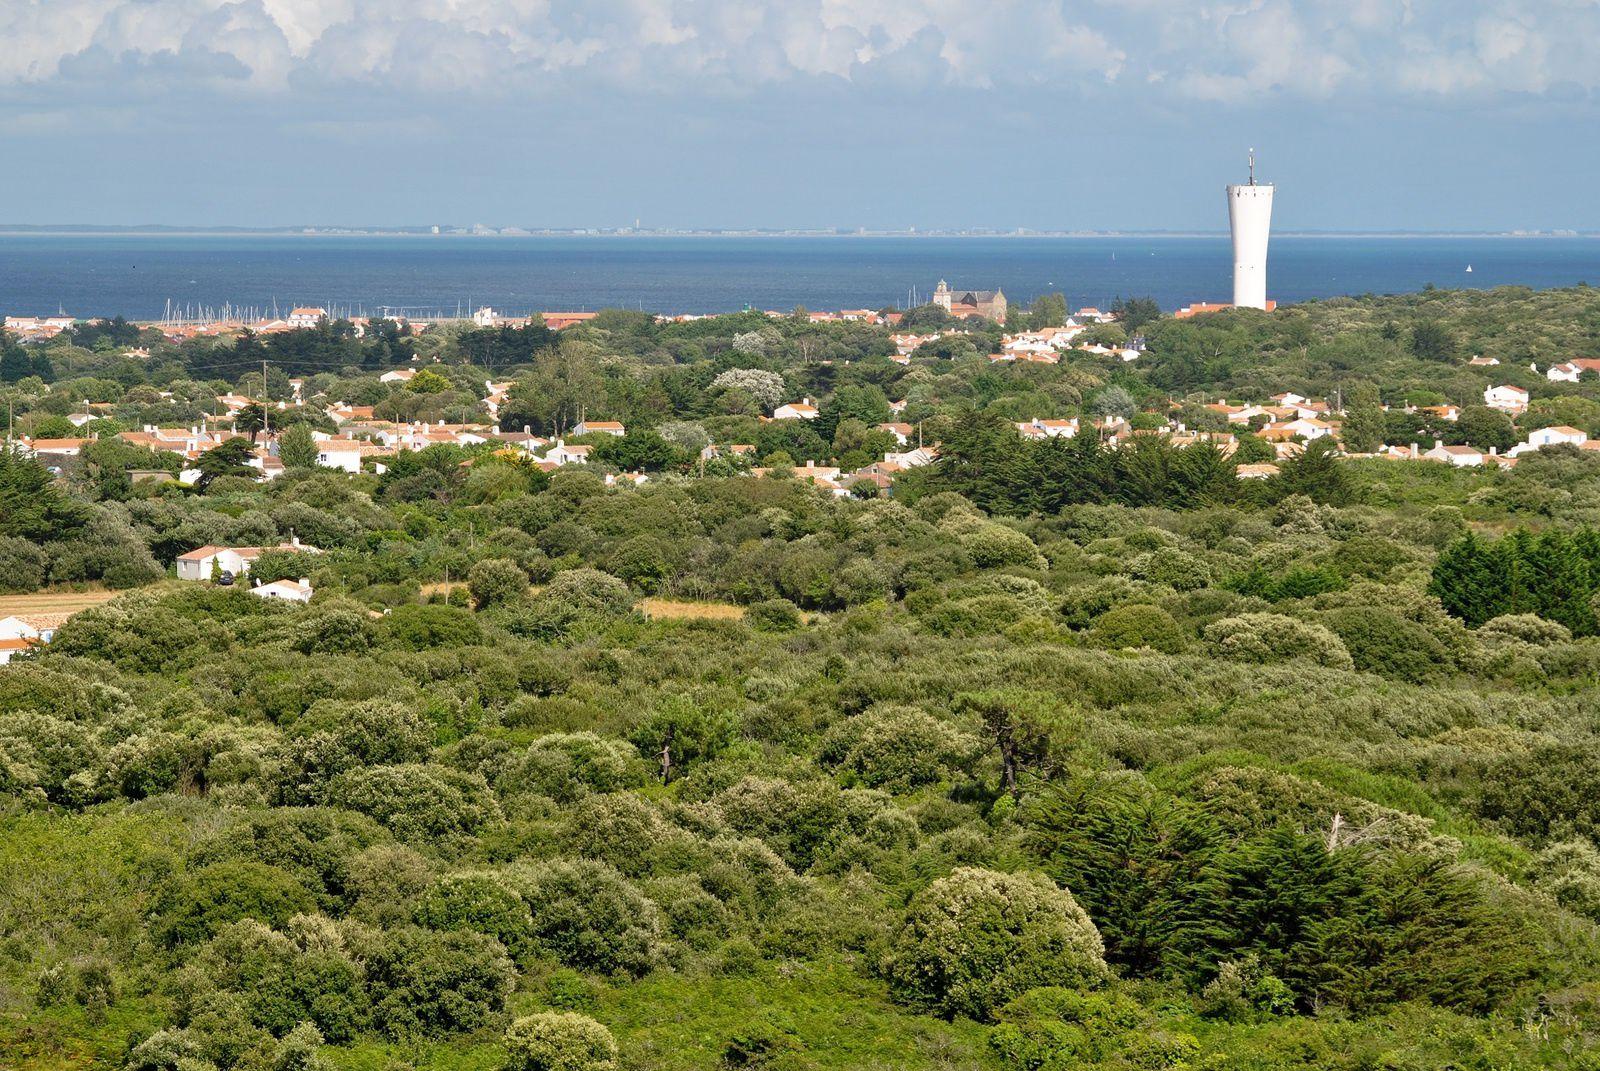 L'Ile d'Yeu: Vue générale prise depuis le haut d'un phare en direction du continent. (Photo rediffusée).